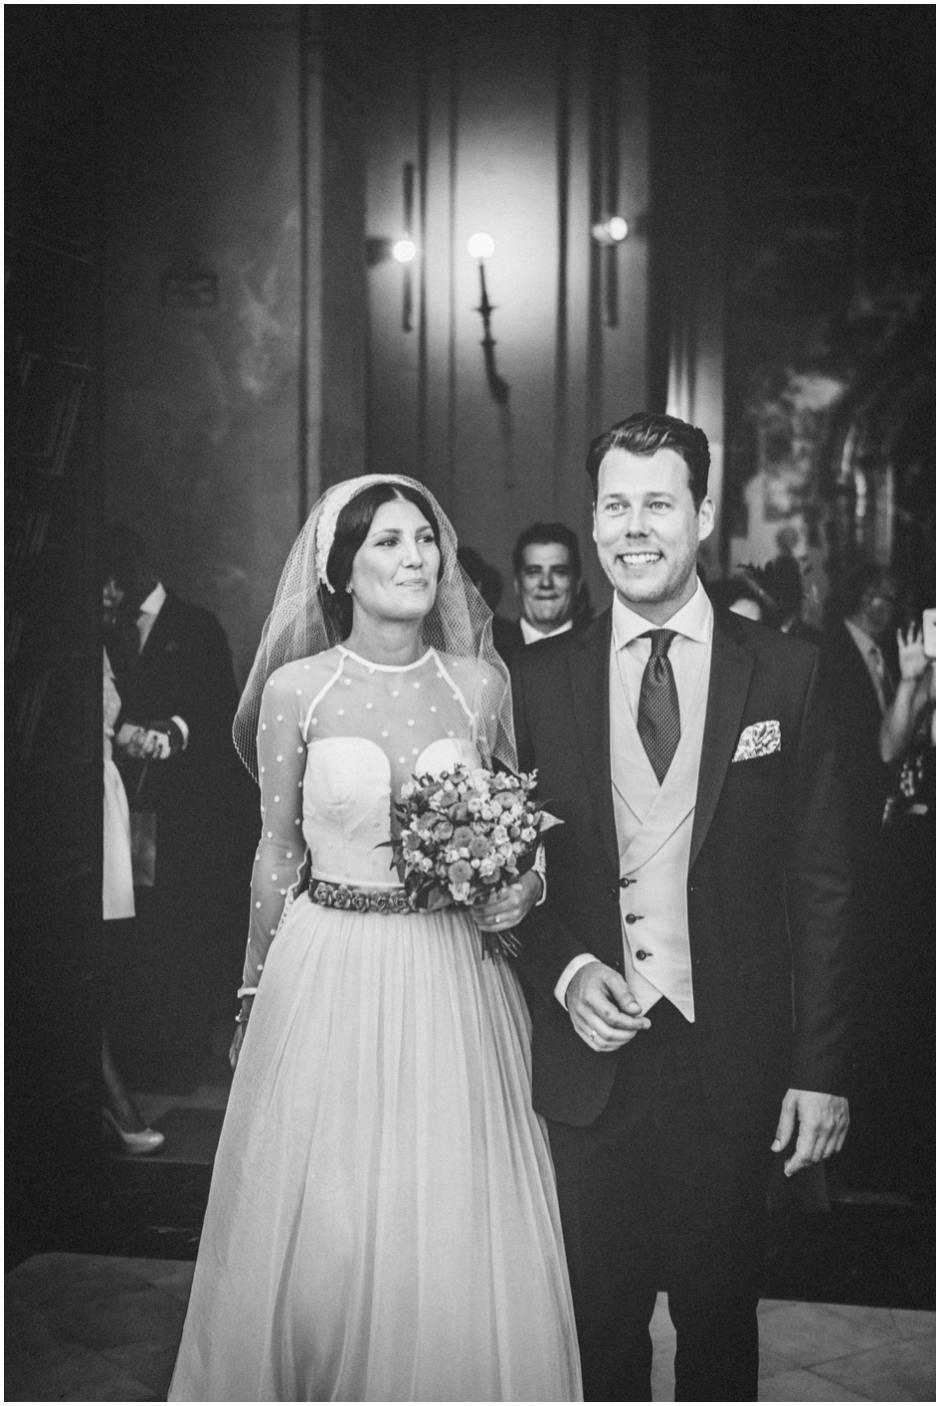 fotografo-de-bodas-sevilla-valencia-mallorca-jose-caballero-bodafilms78.jpg